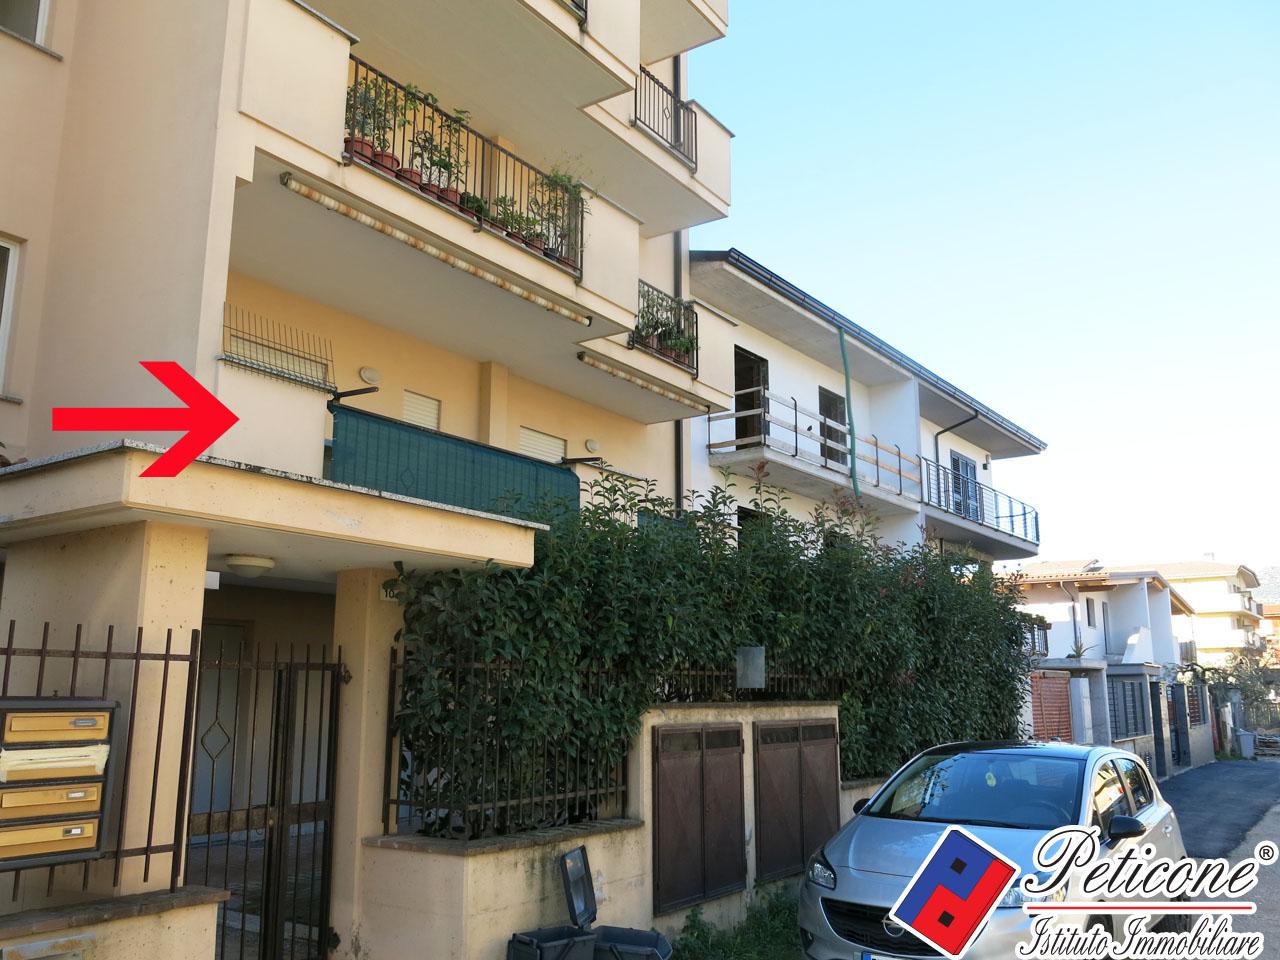 Appartamento in vendita a Fondi, 3 locali, zona Località: Spinete, prezzo € 145.000   CambioCasa.it